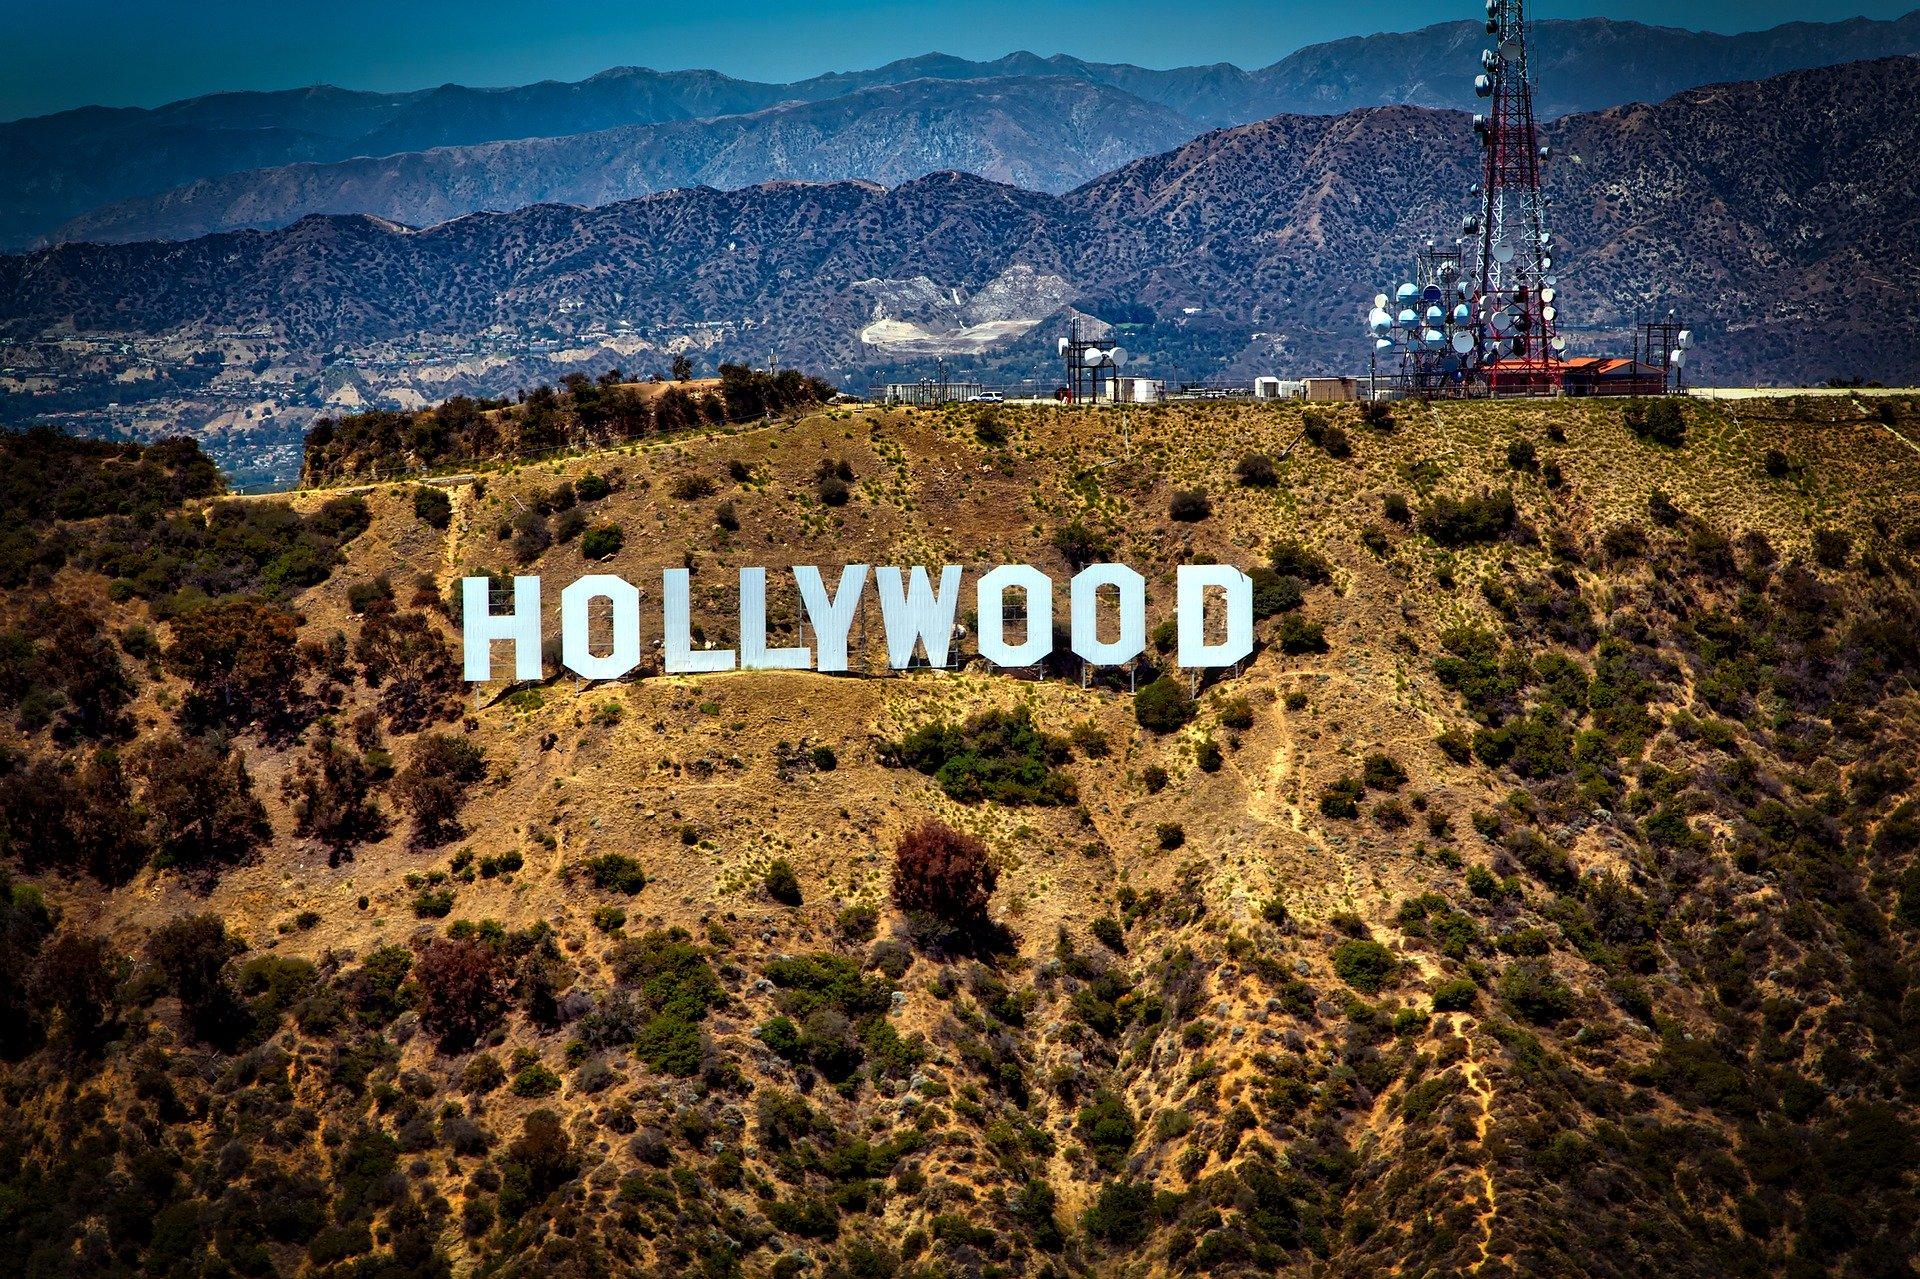 로스앤젤레스 할리우드 그랜드 시티 3시간 30분 버스 투어